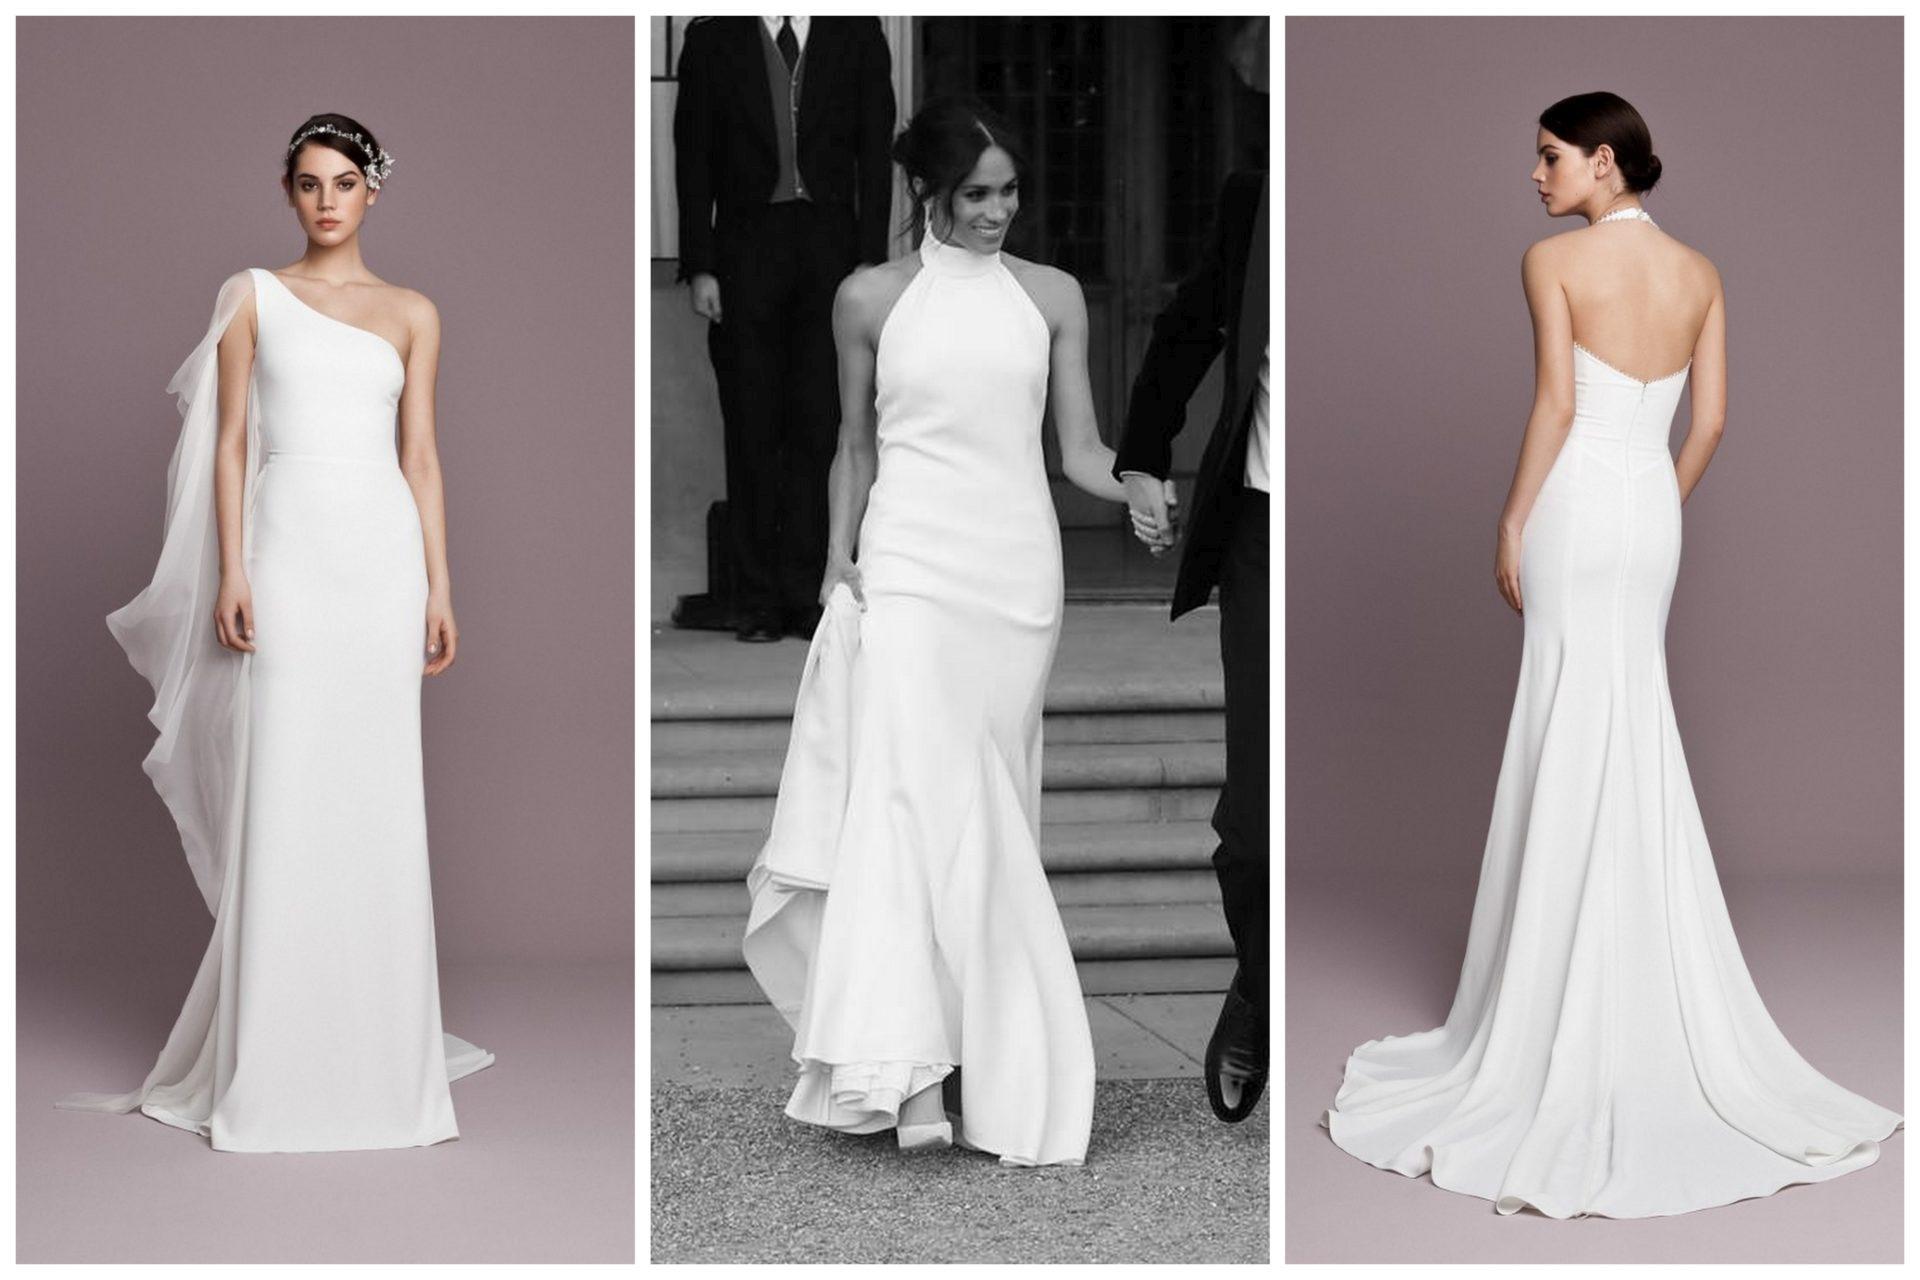 Letisztult esküvői ruhák Meghan Markle stílusában